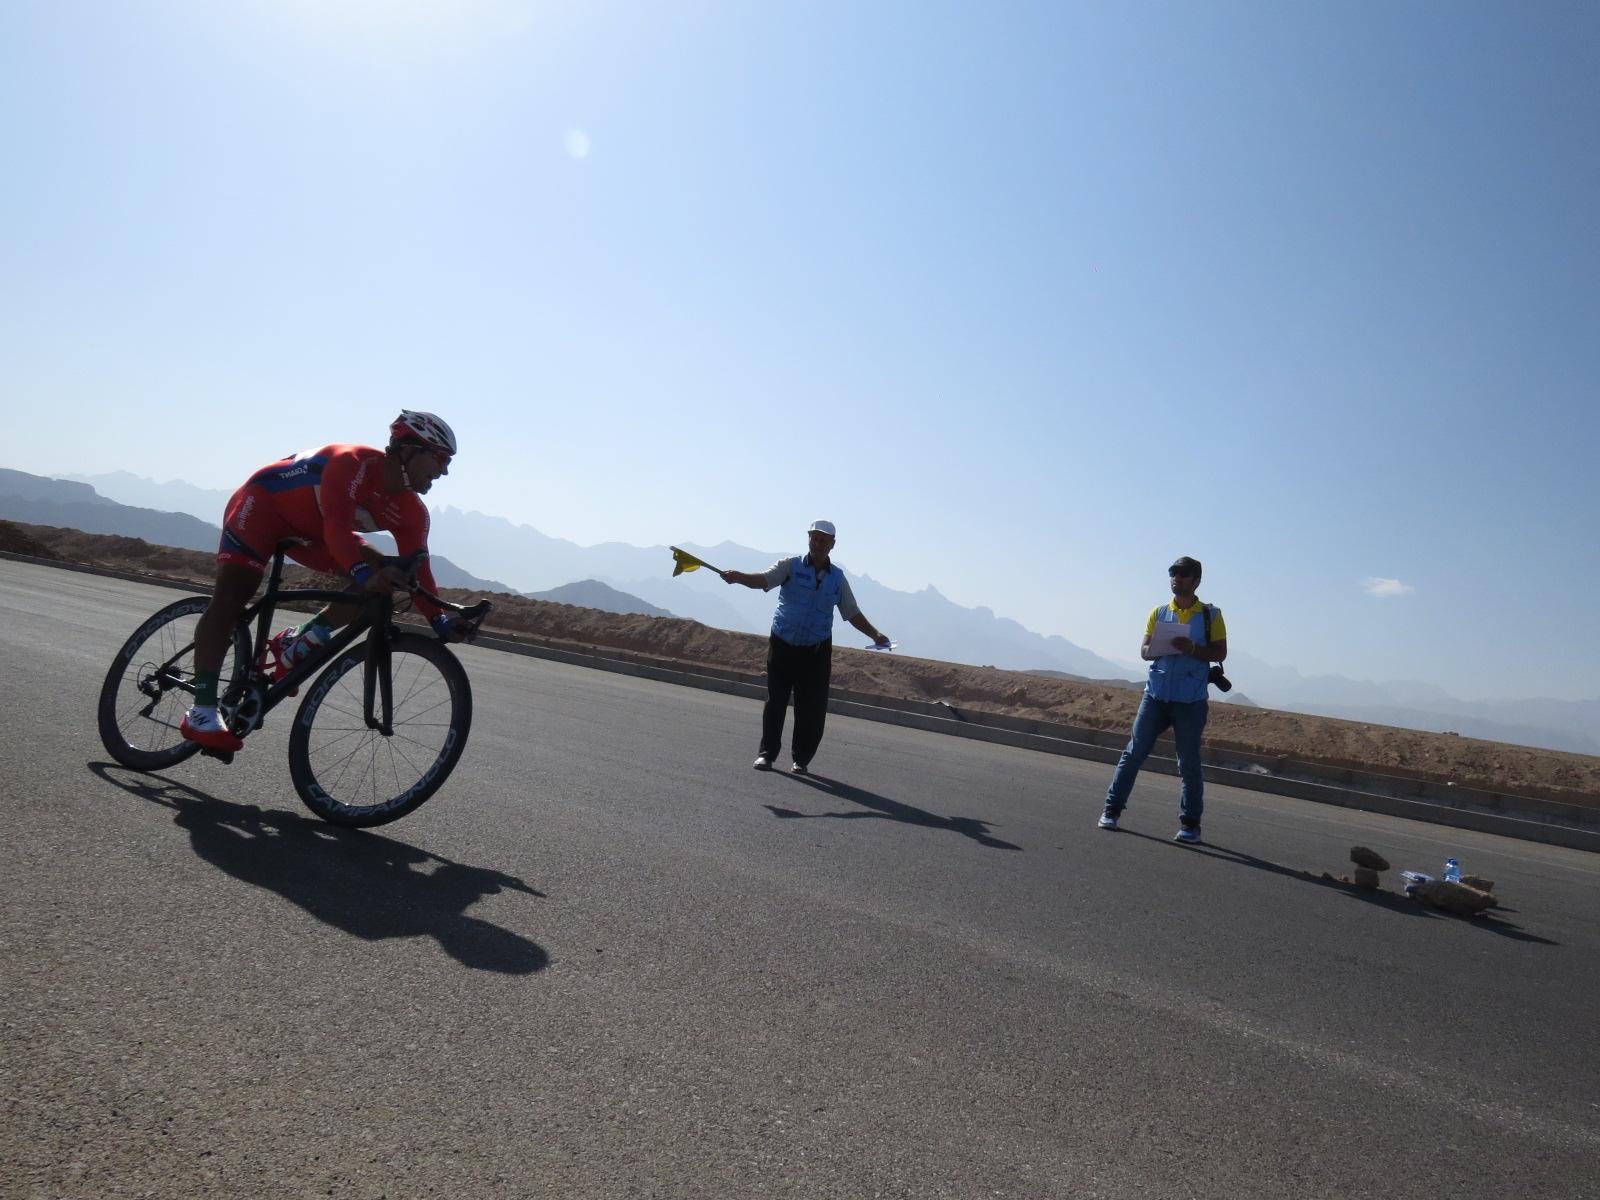 مسابقات دوچرخه سواری قهرمانی کارگران کشور – استان یزد